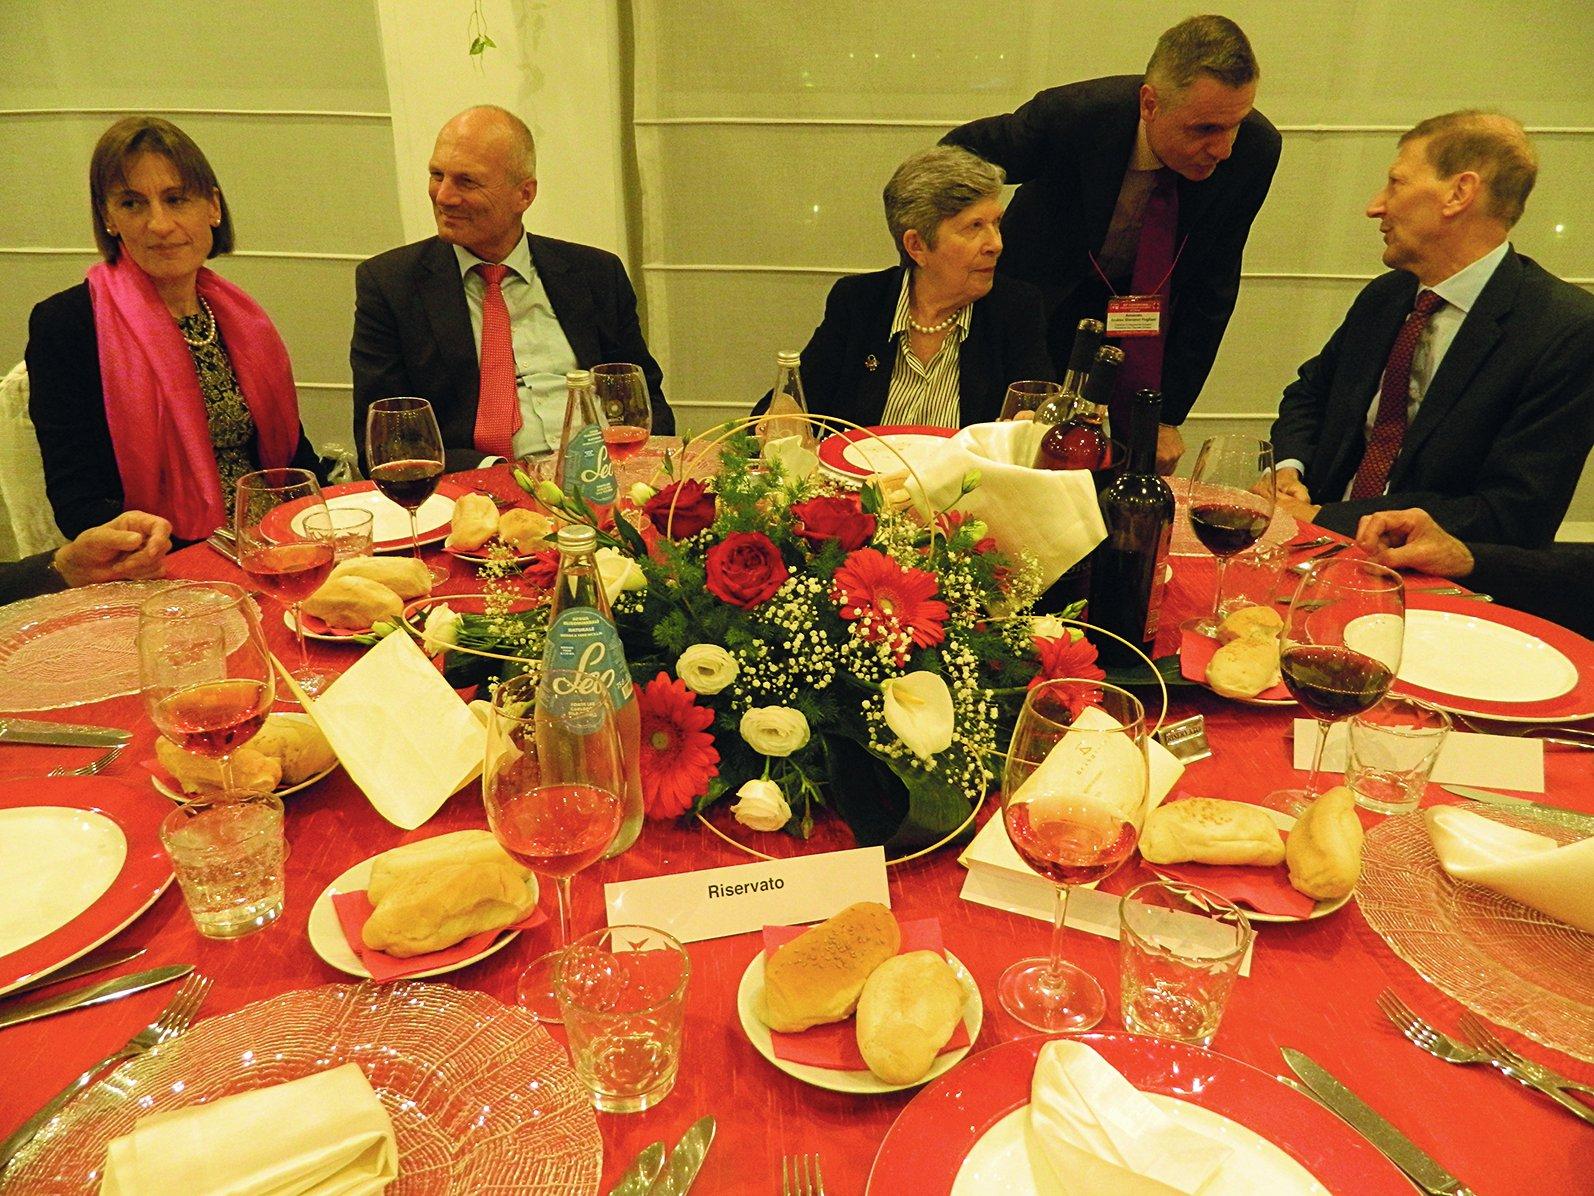 Alla cena ufficiale: la presidente (al centro) con l'ambasciatore e il direttor Burri.